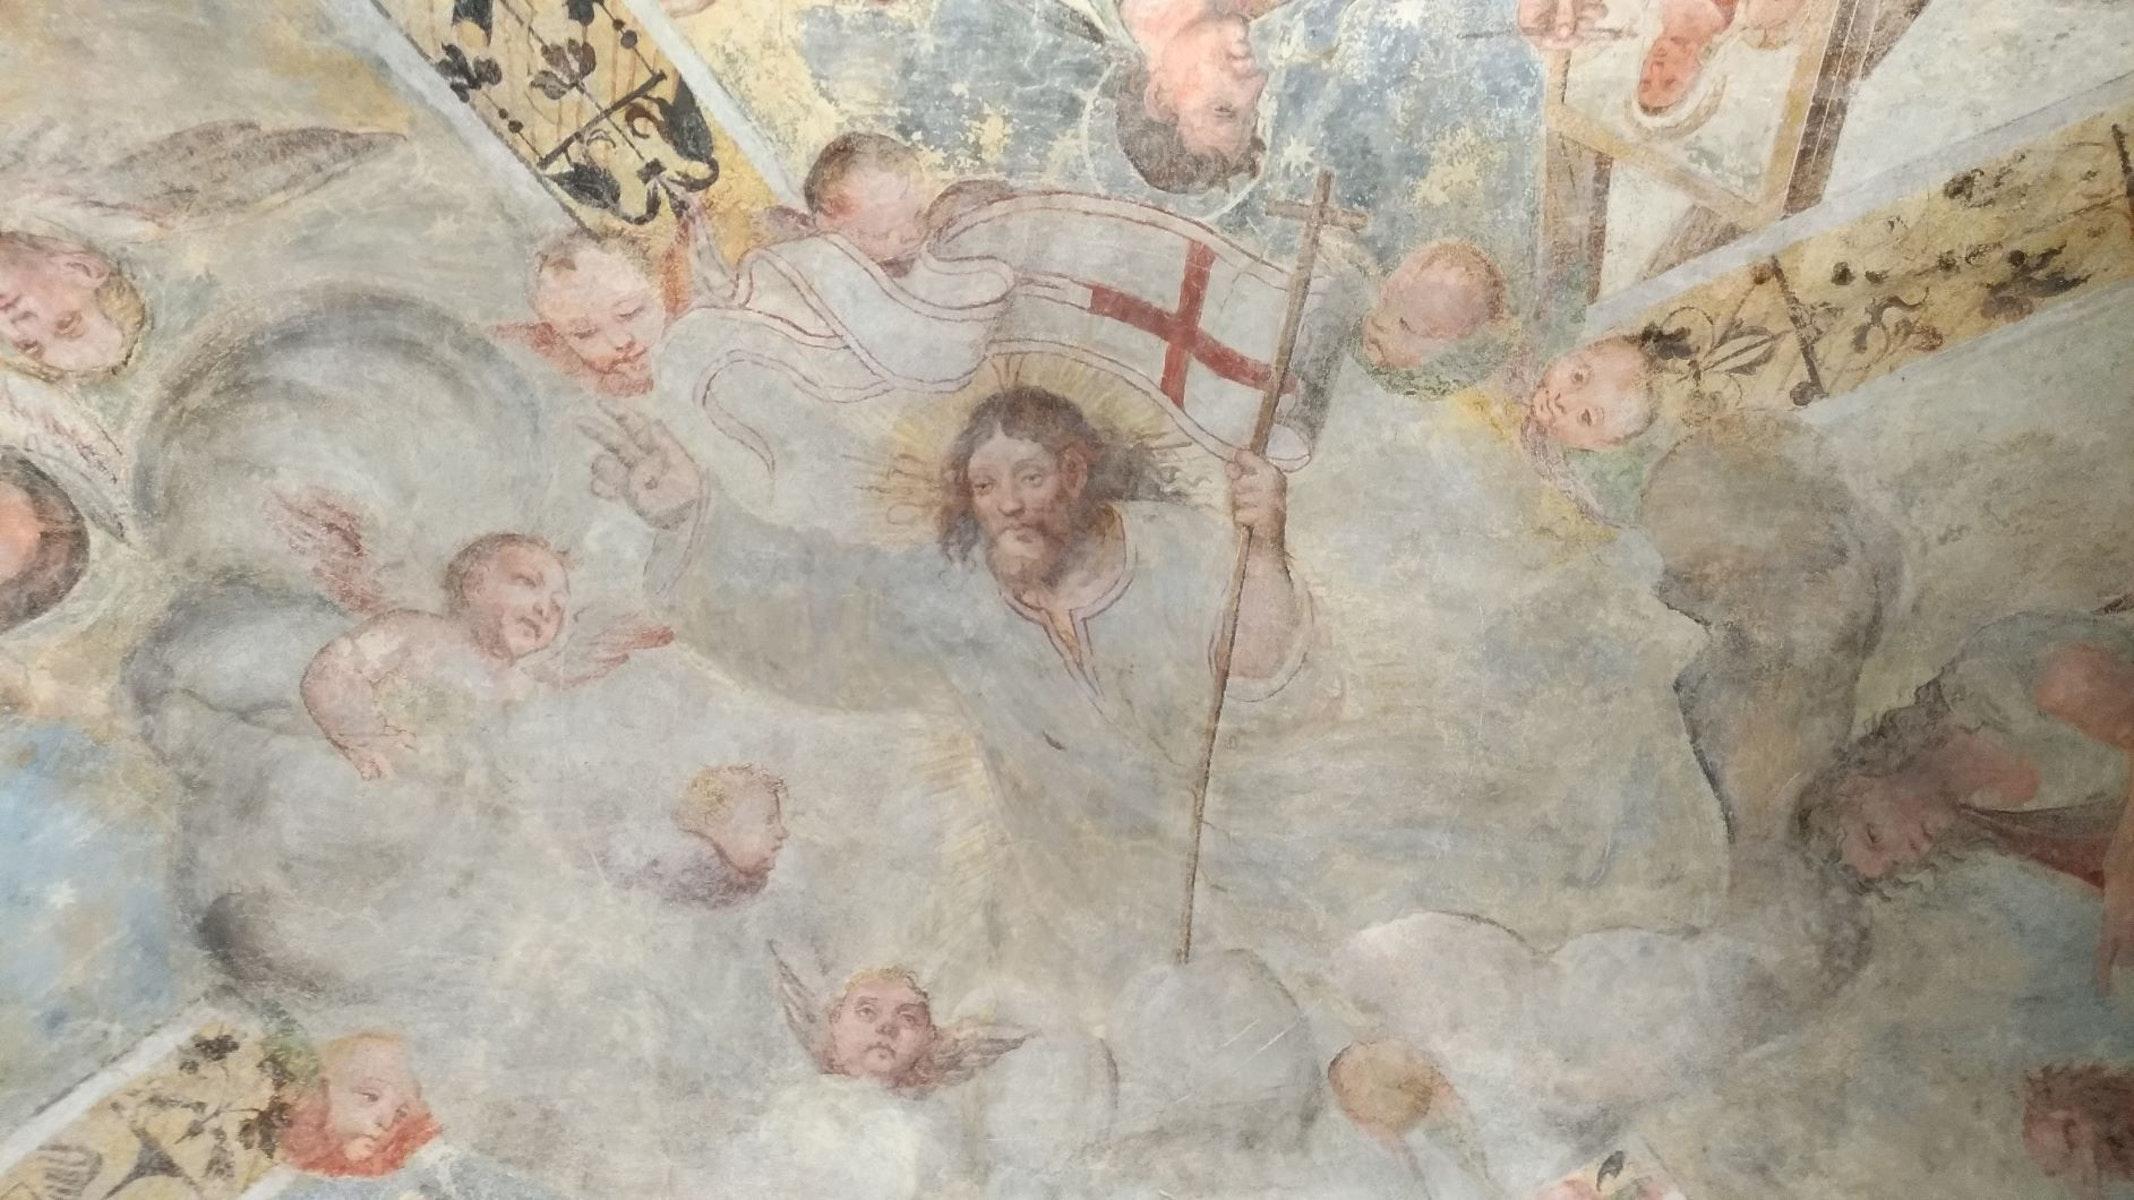 Chiesa e Sagrestia di S. Giovanni Battista di Vazzola